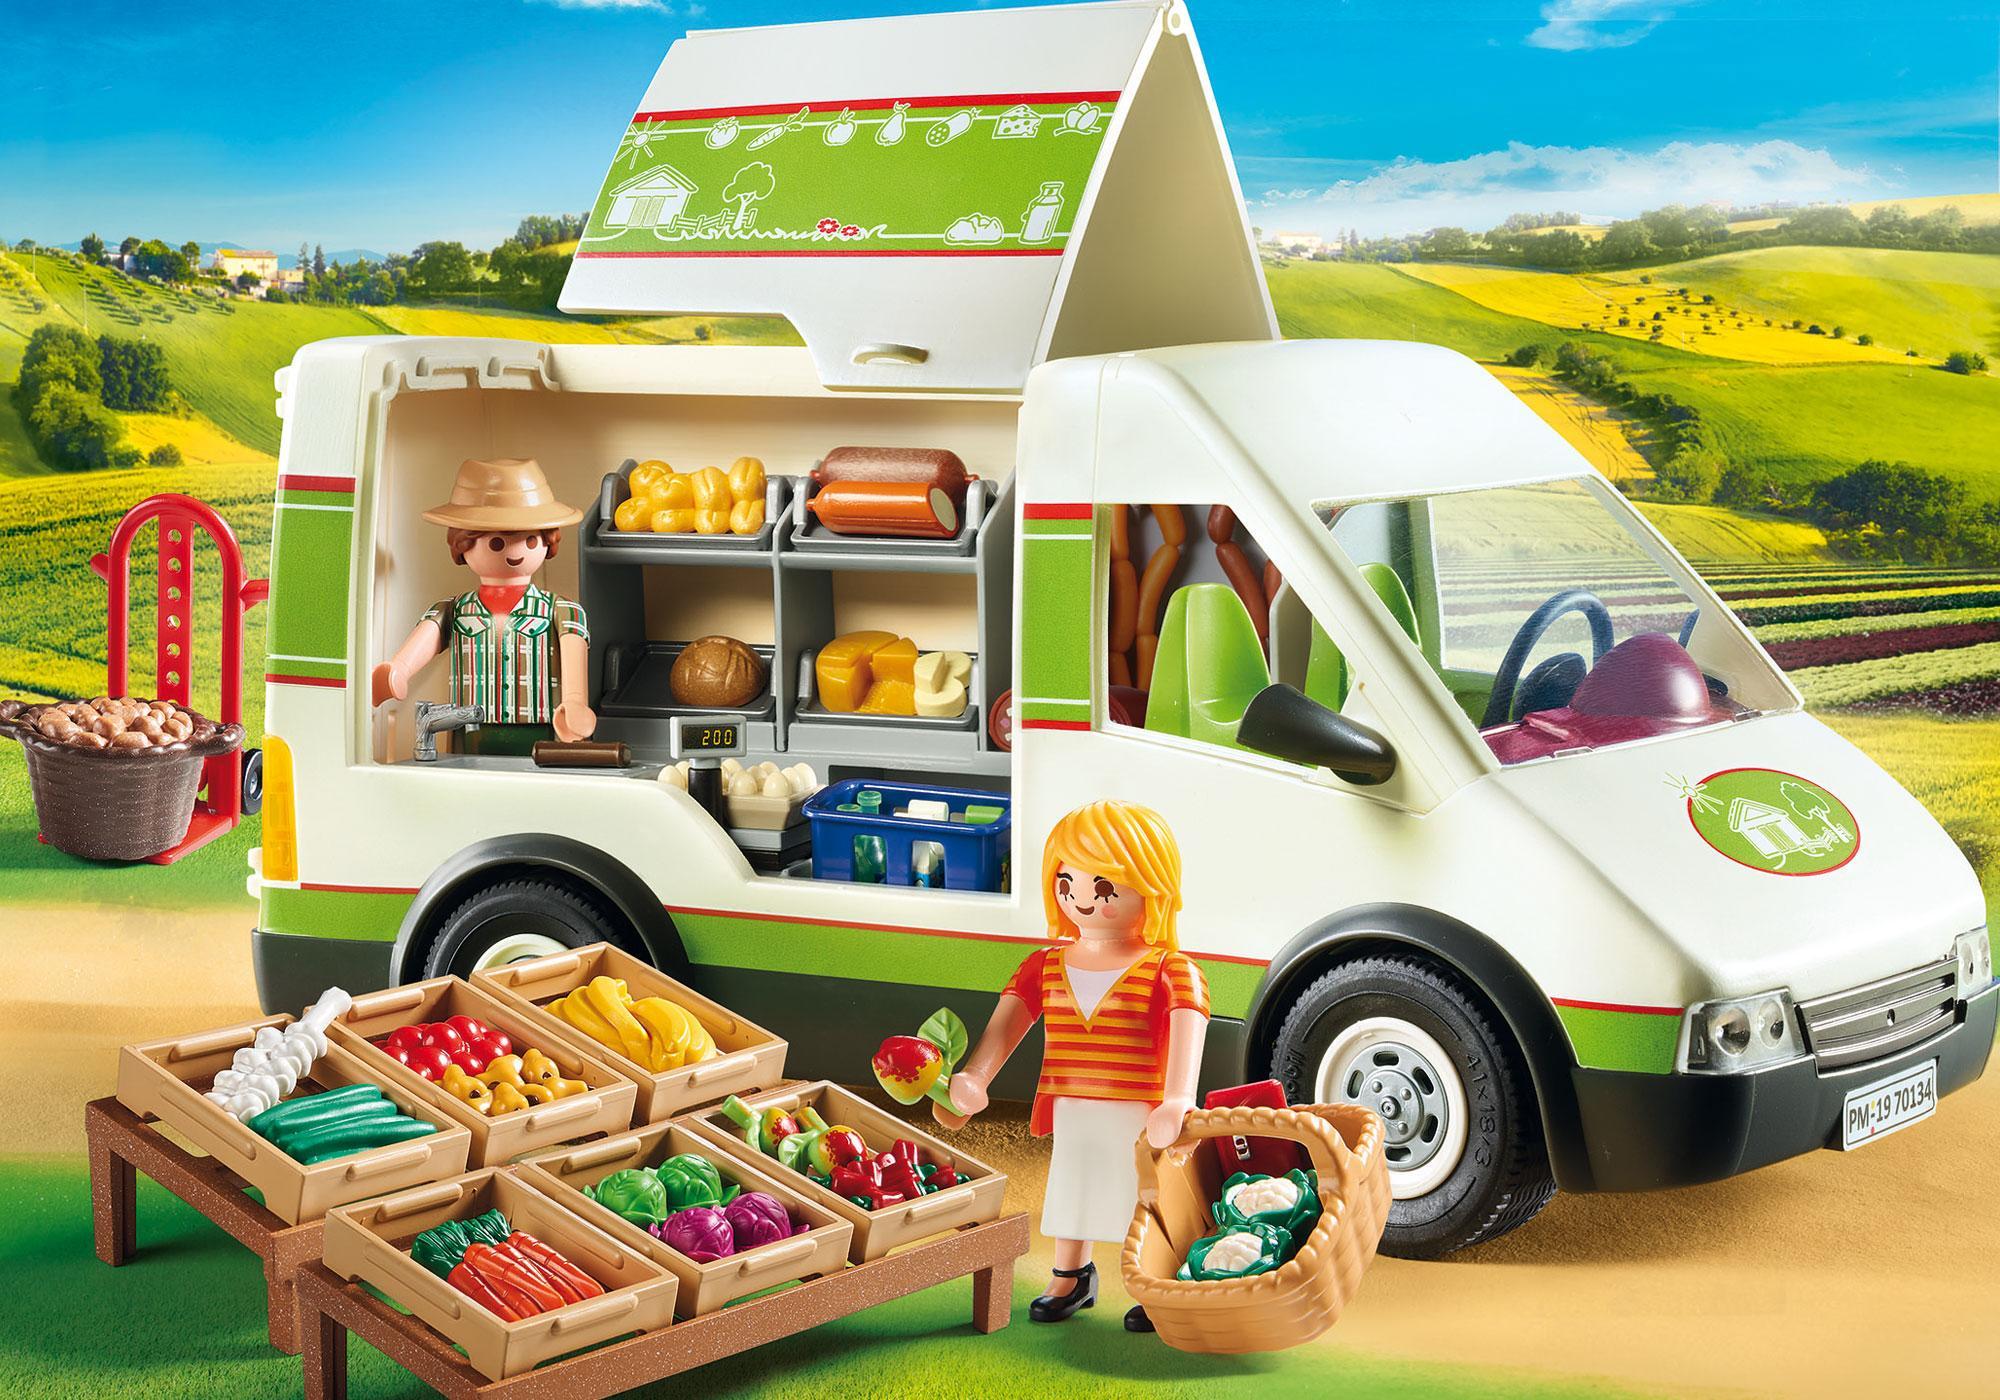 70134_product_detail/Mobile Farm Market